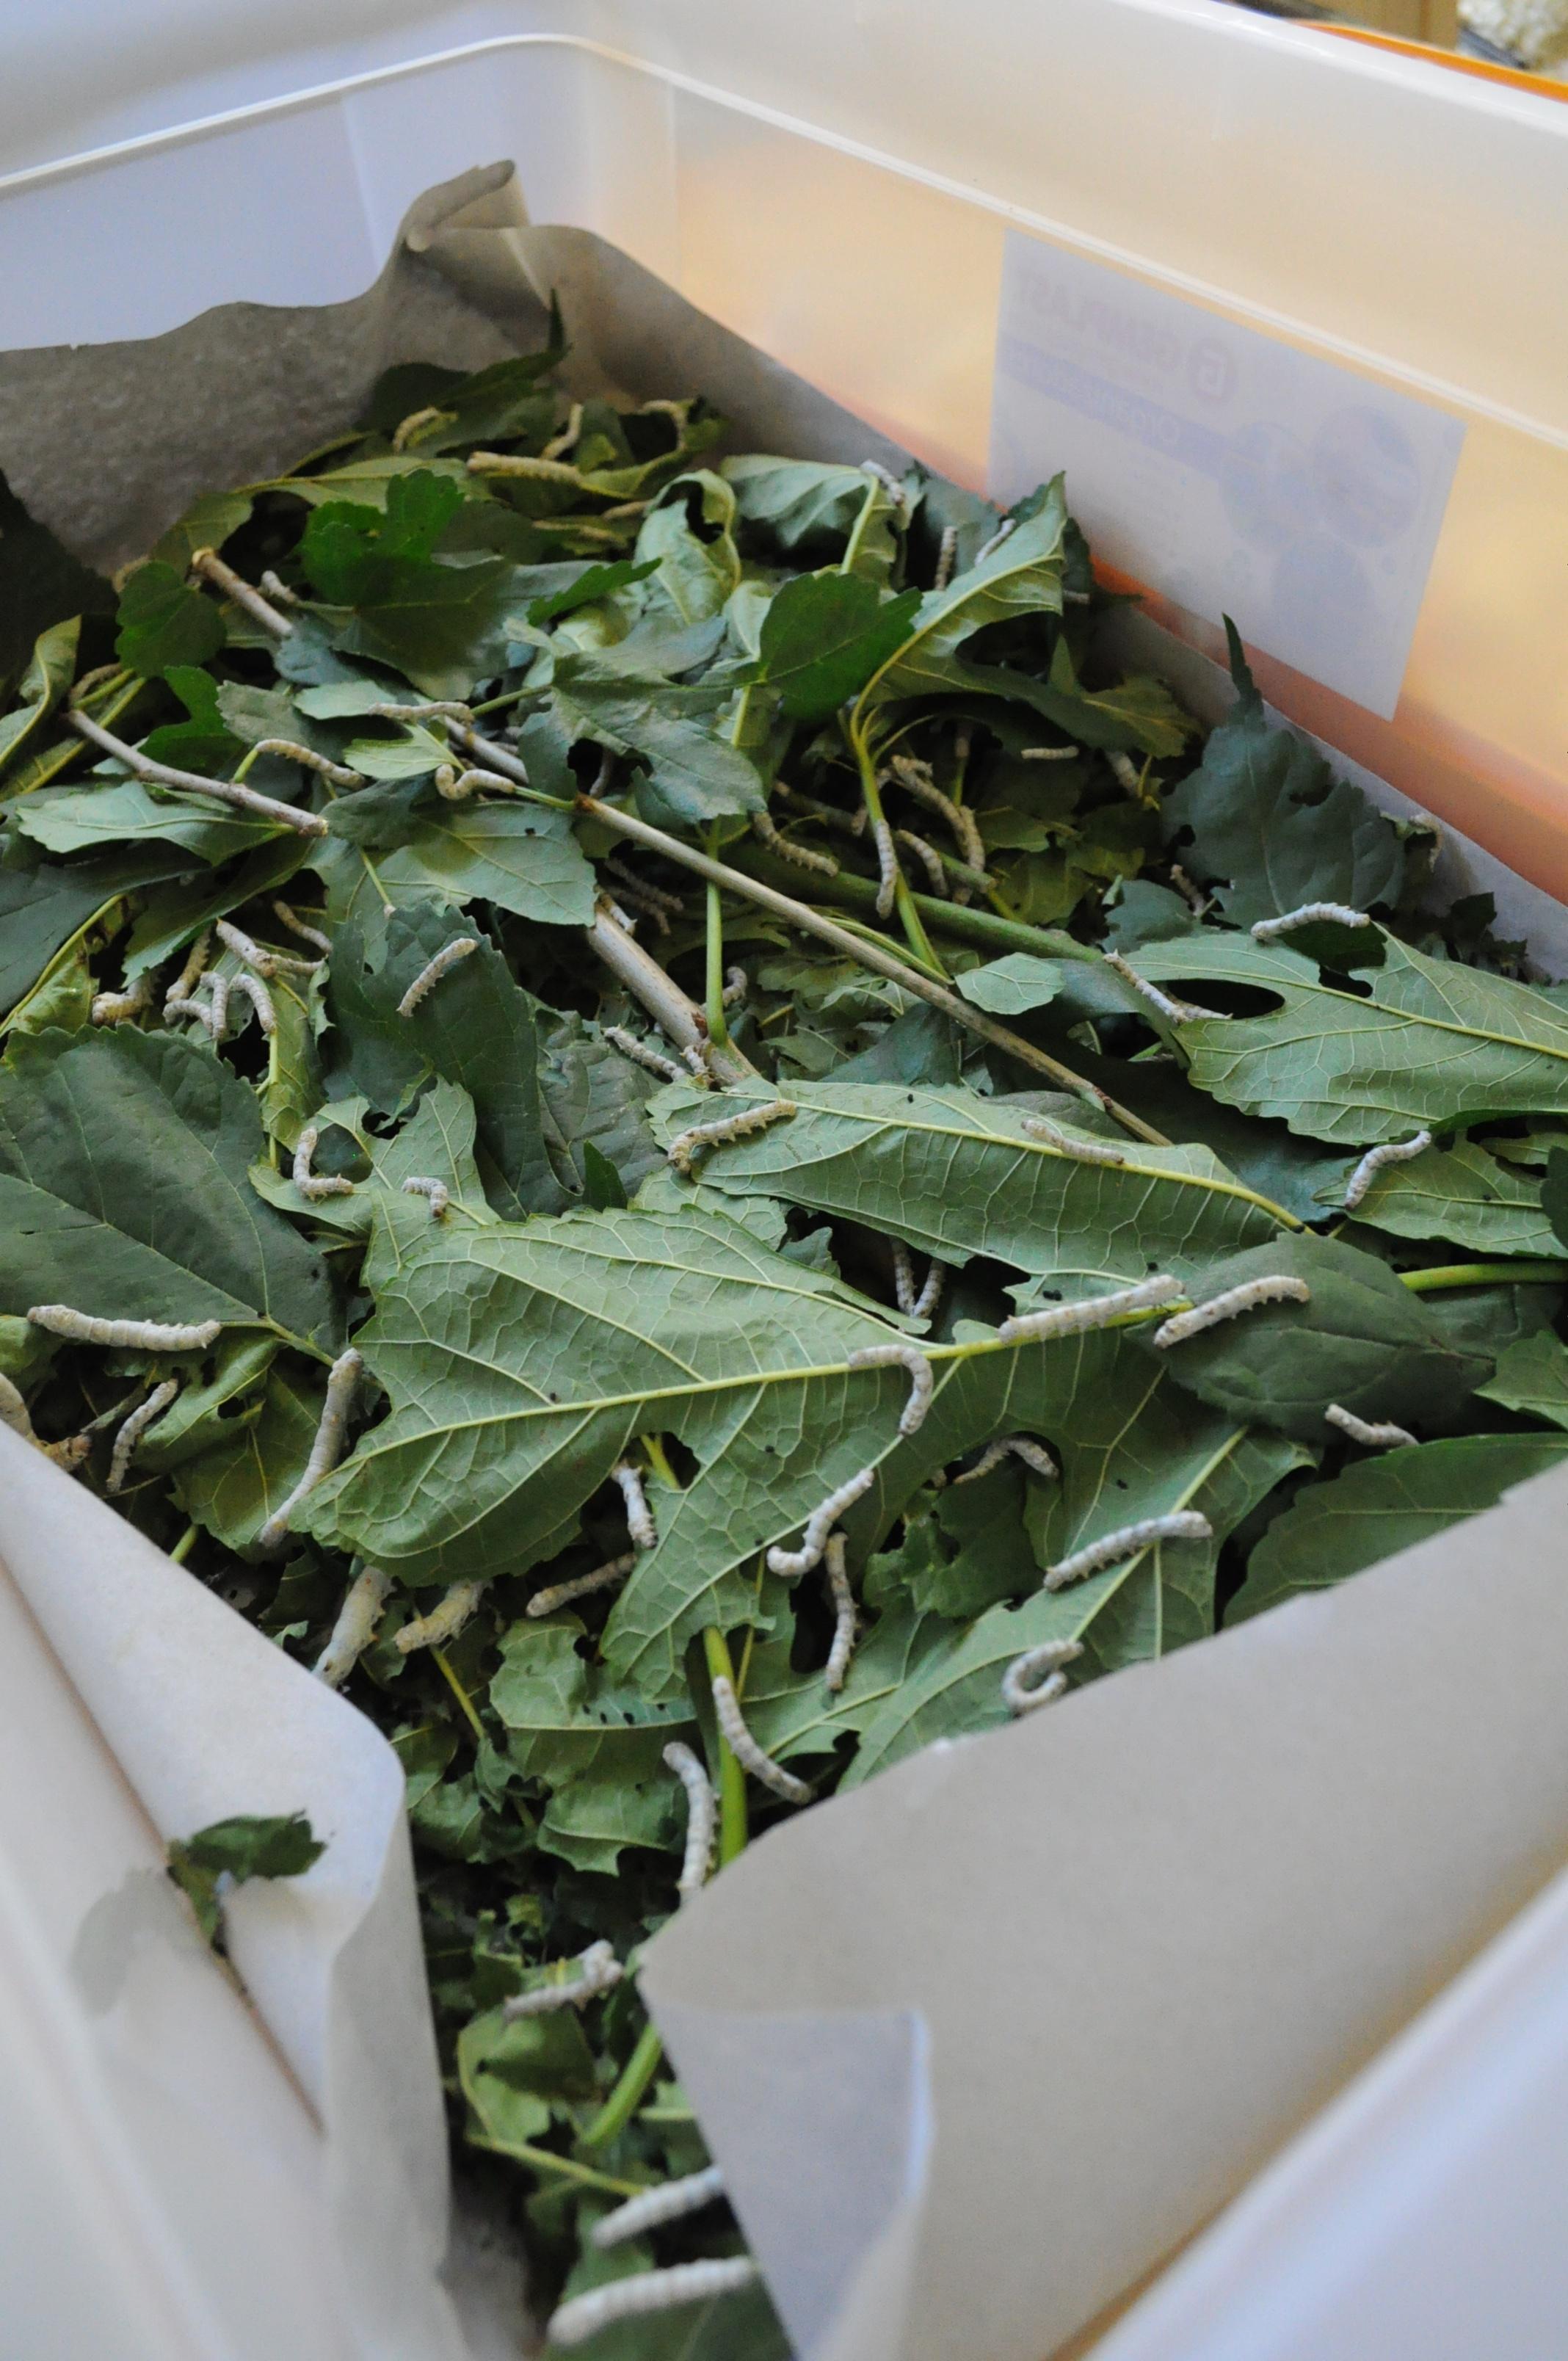 Seda natural, uno de los productos que se desarrollan en el Parque Tecnológico de Misiones.